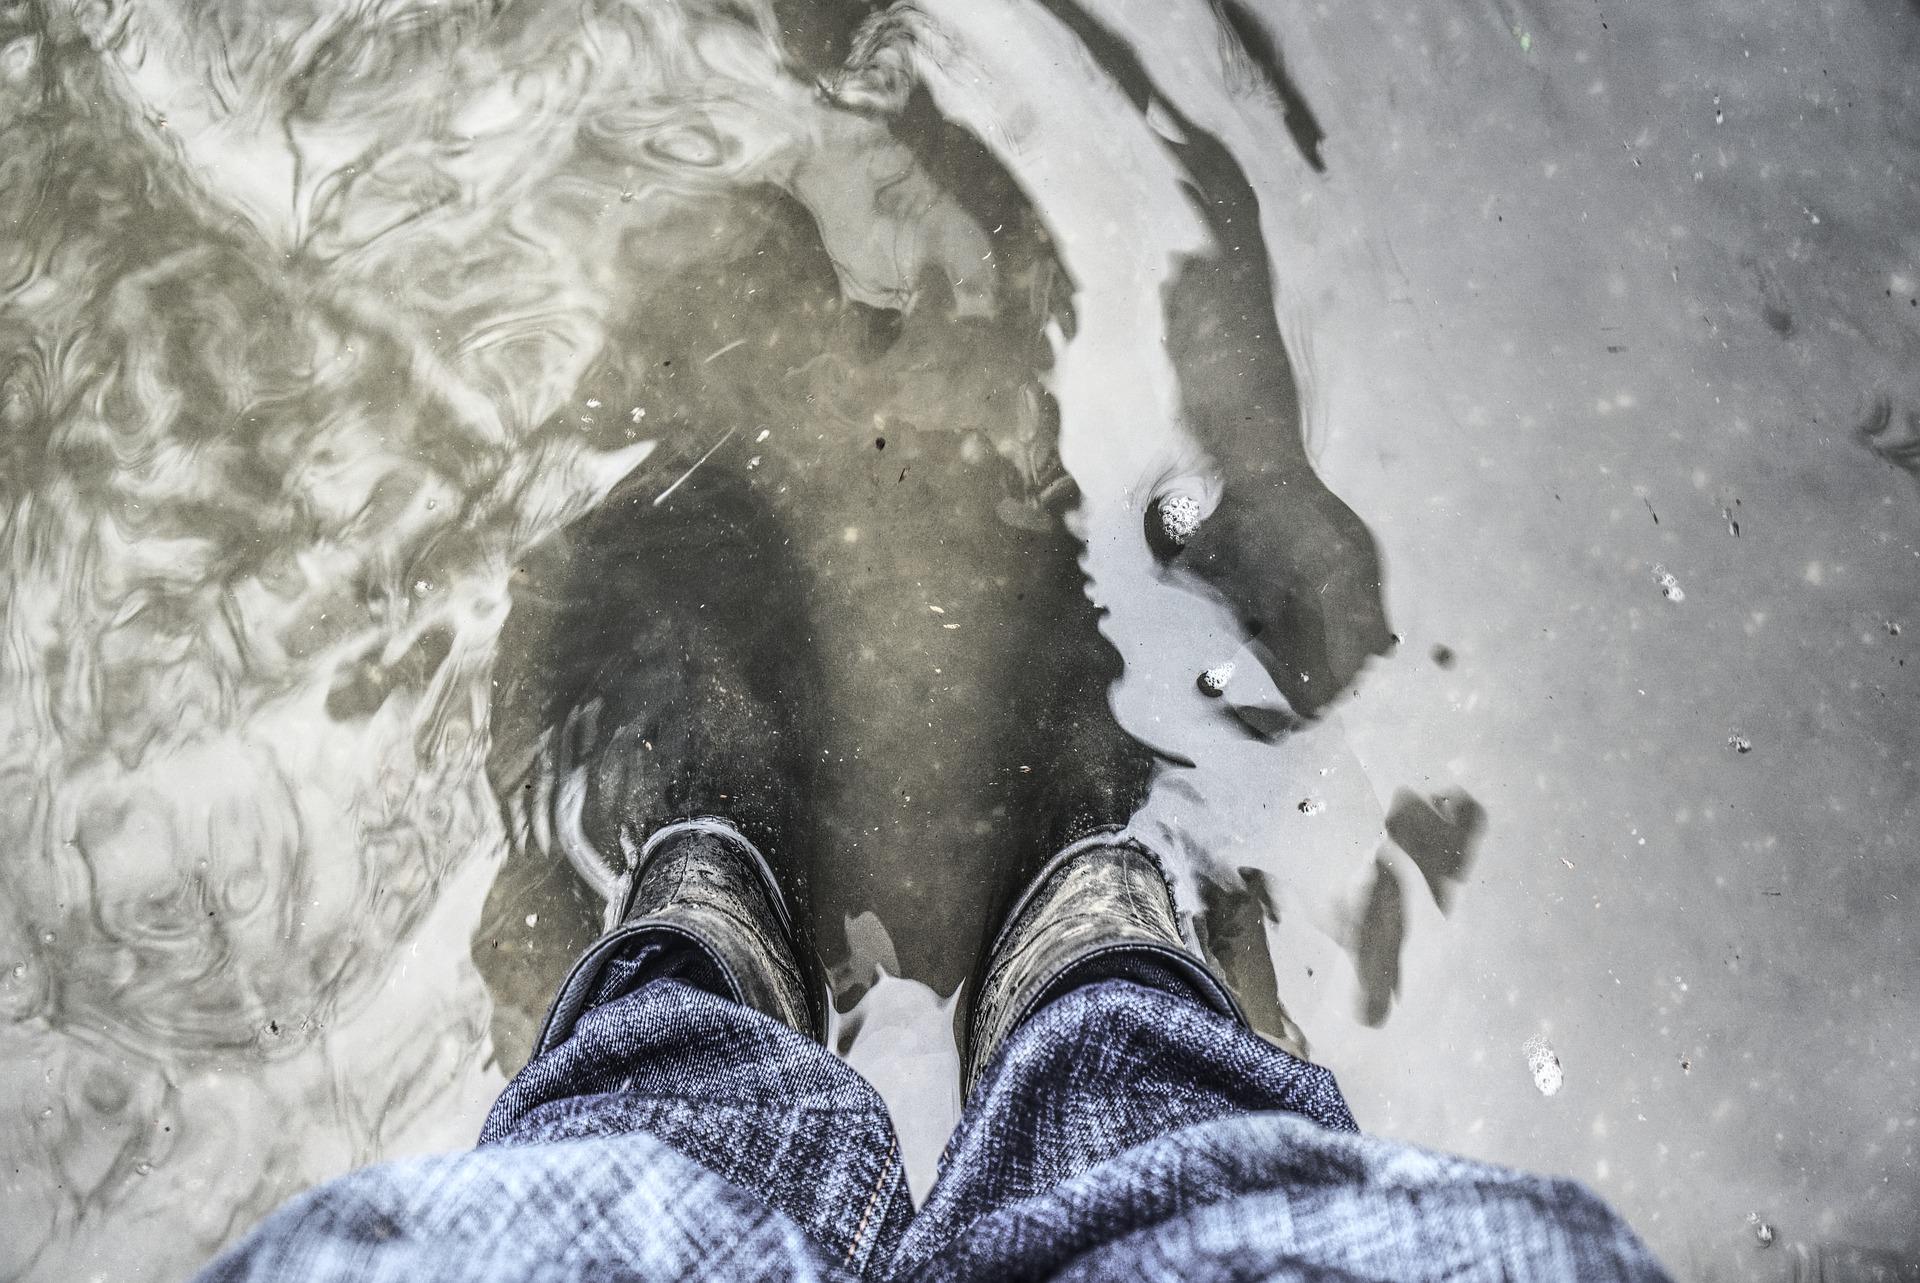 high-water-3072453_1920.jpg